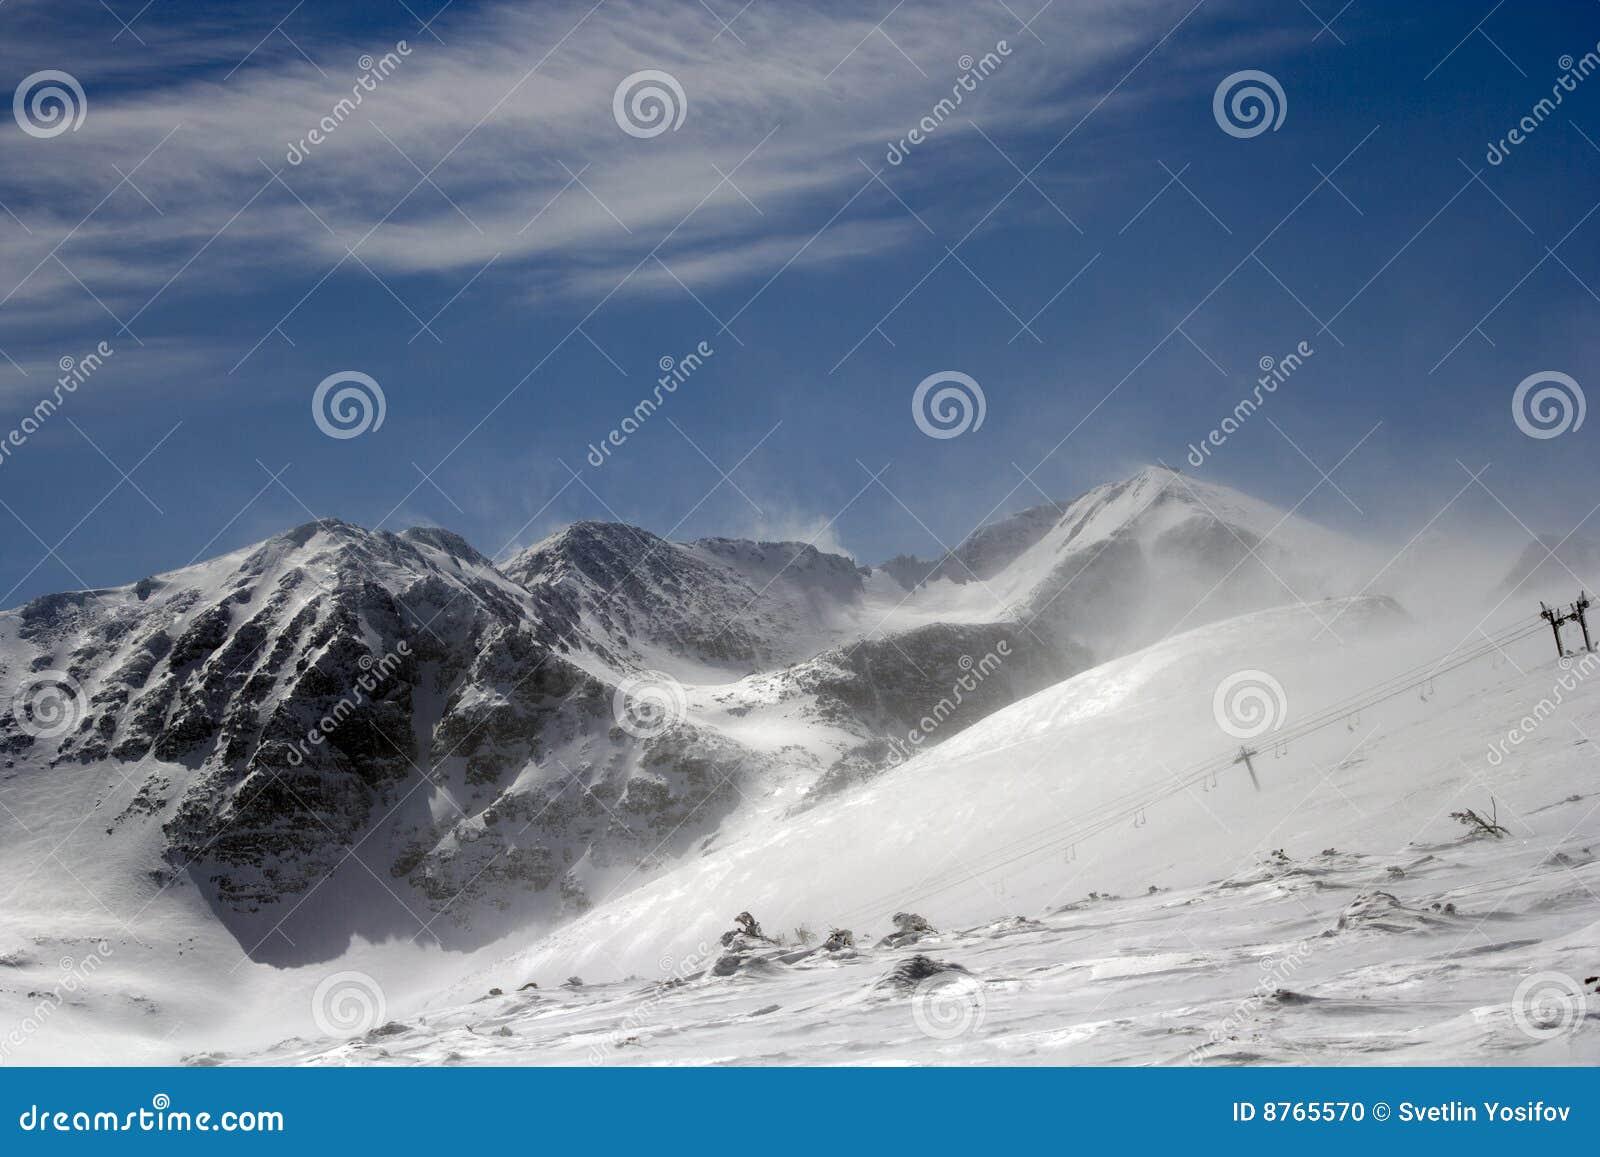 Frío y fuerte viento en la montaña de Rila.